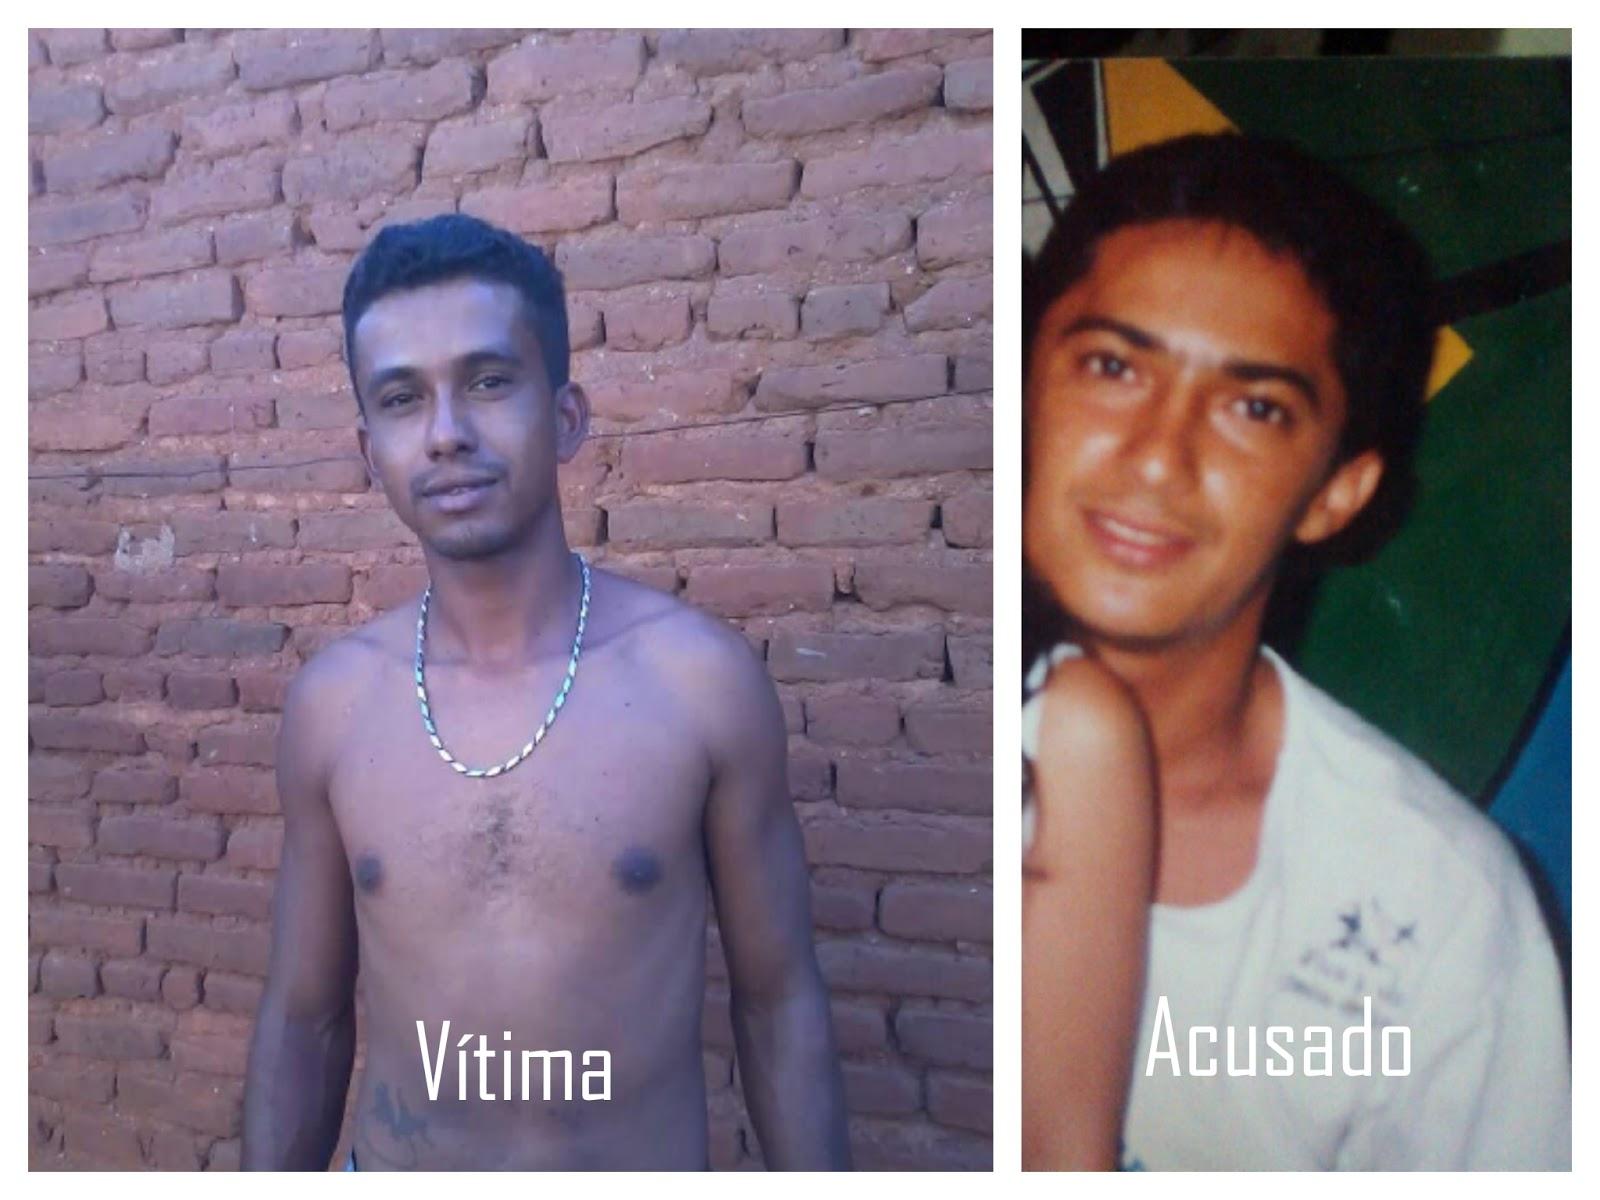 Jovem acusado de matar o próprio irmão em Cajazeiras é preso pela polícia